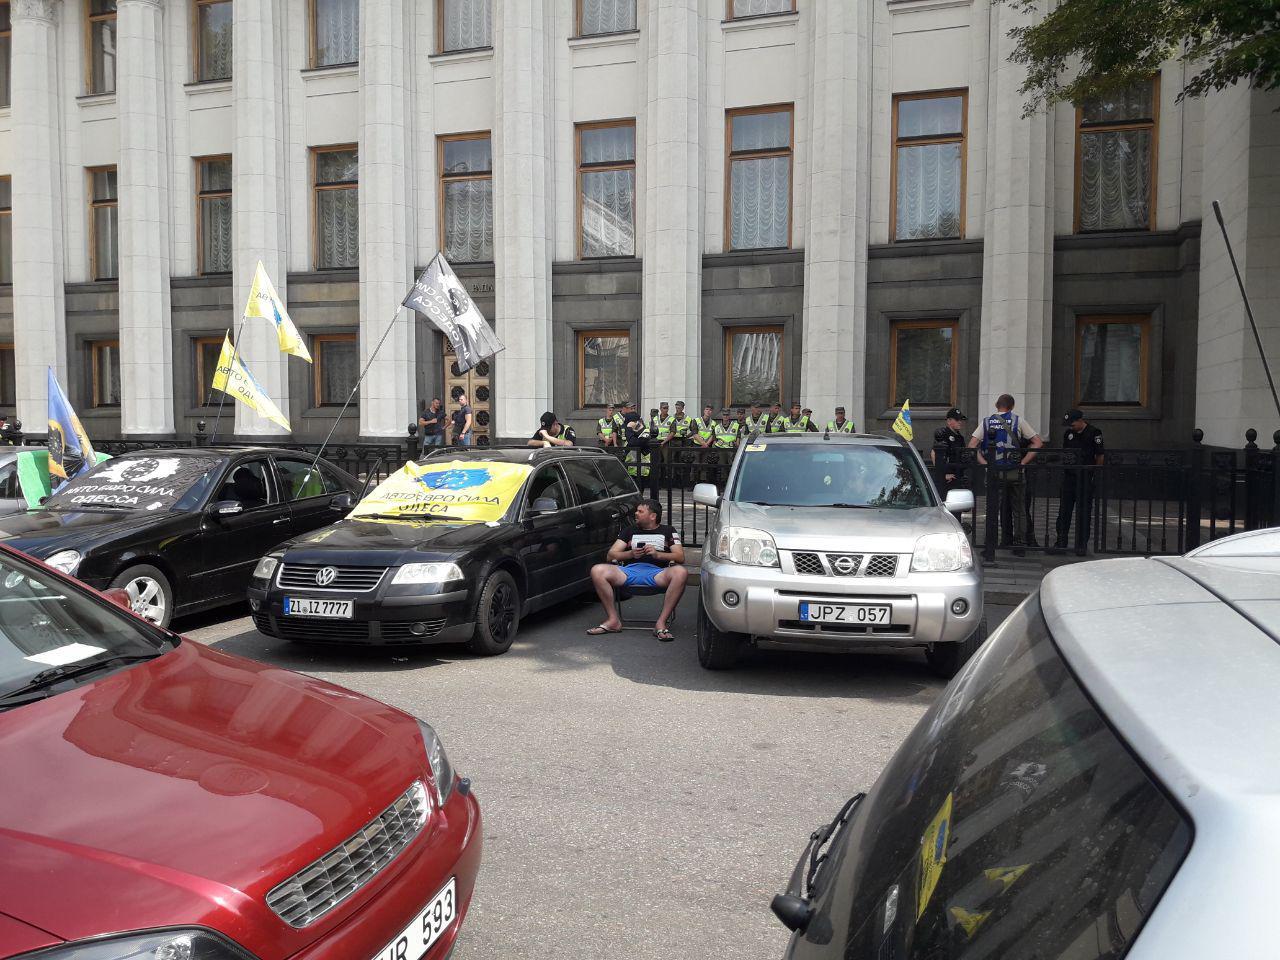 Бунт «евробляхеров», день третий: парламентарии пошли на встречу и приняли законопроект